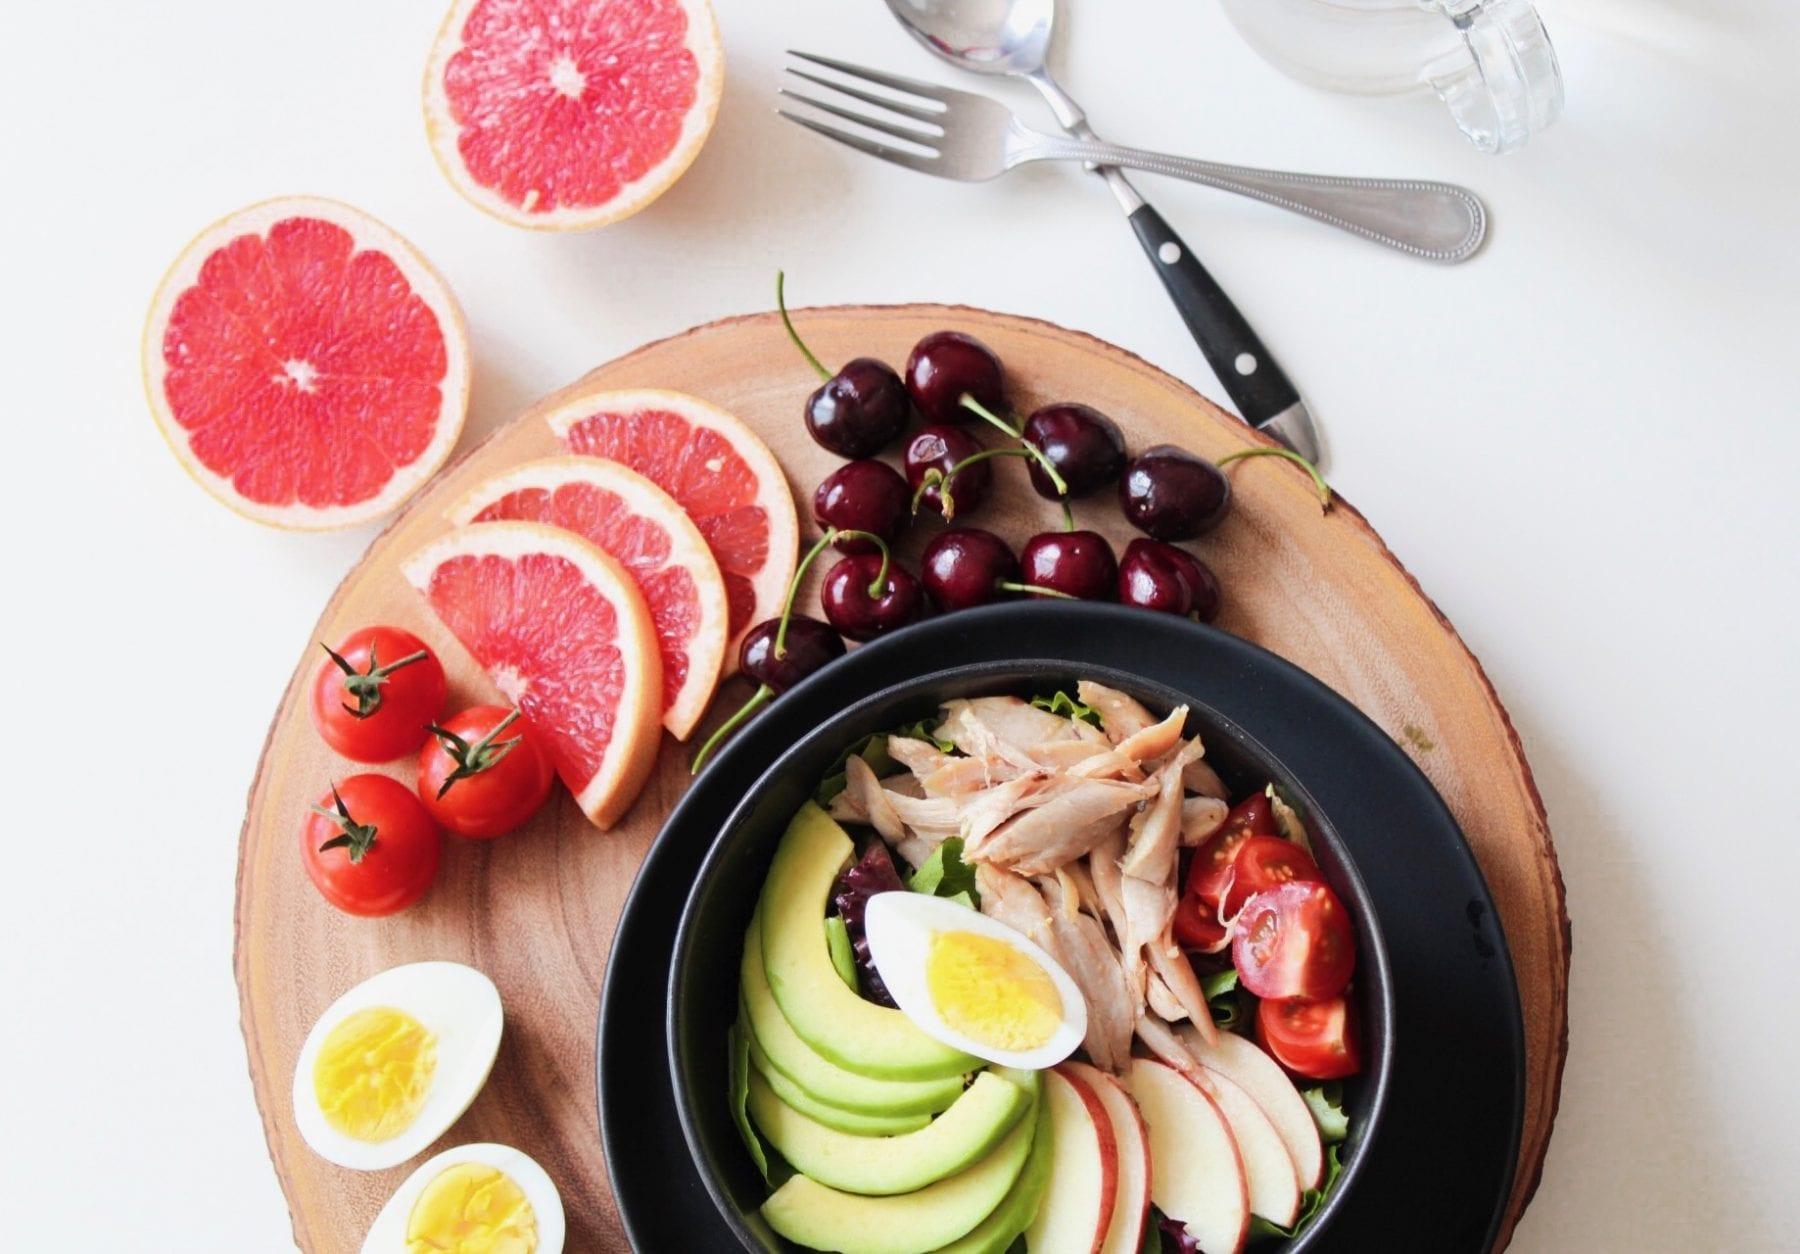 kulhydrater fedt og protein